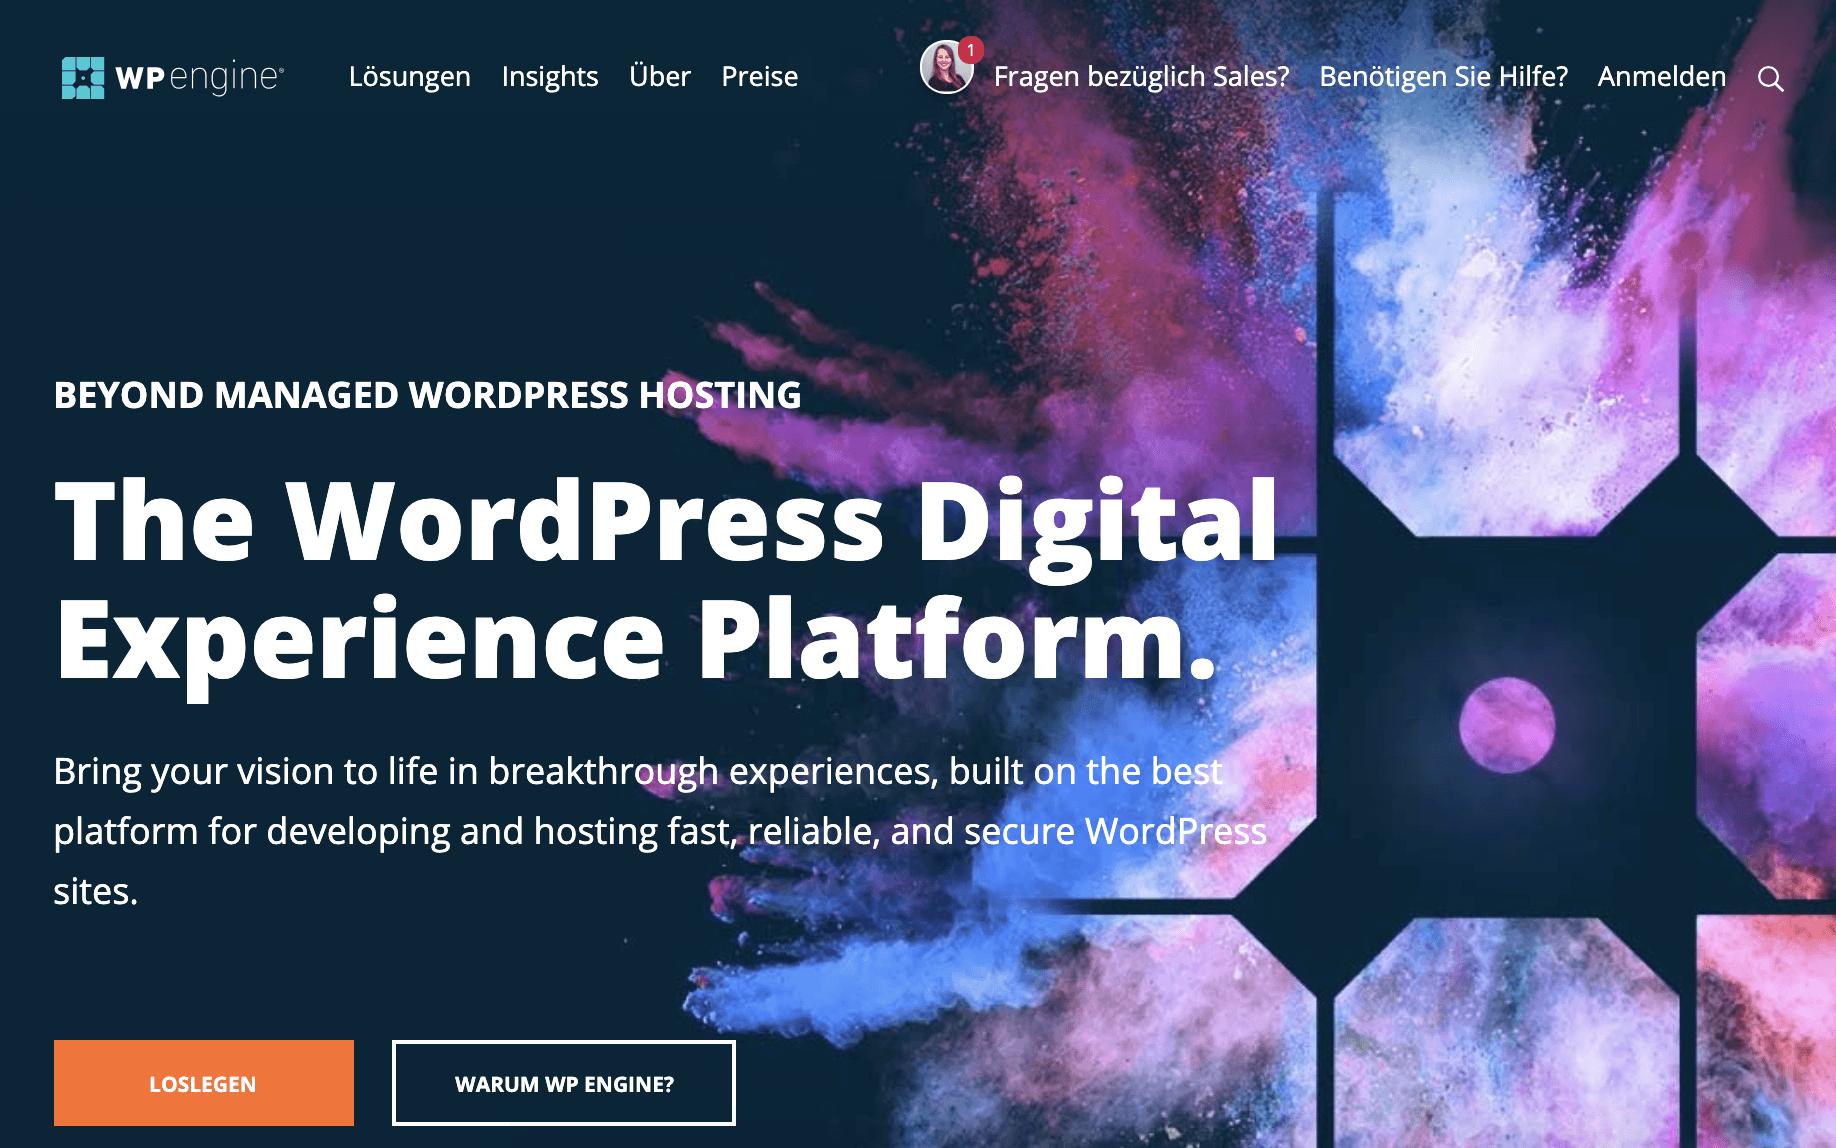 wp-engine-managed-wordpress-hosting